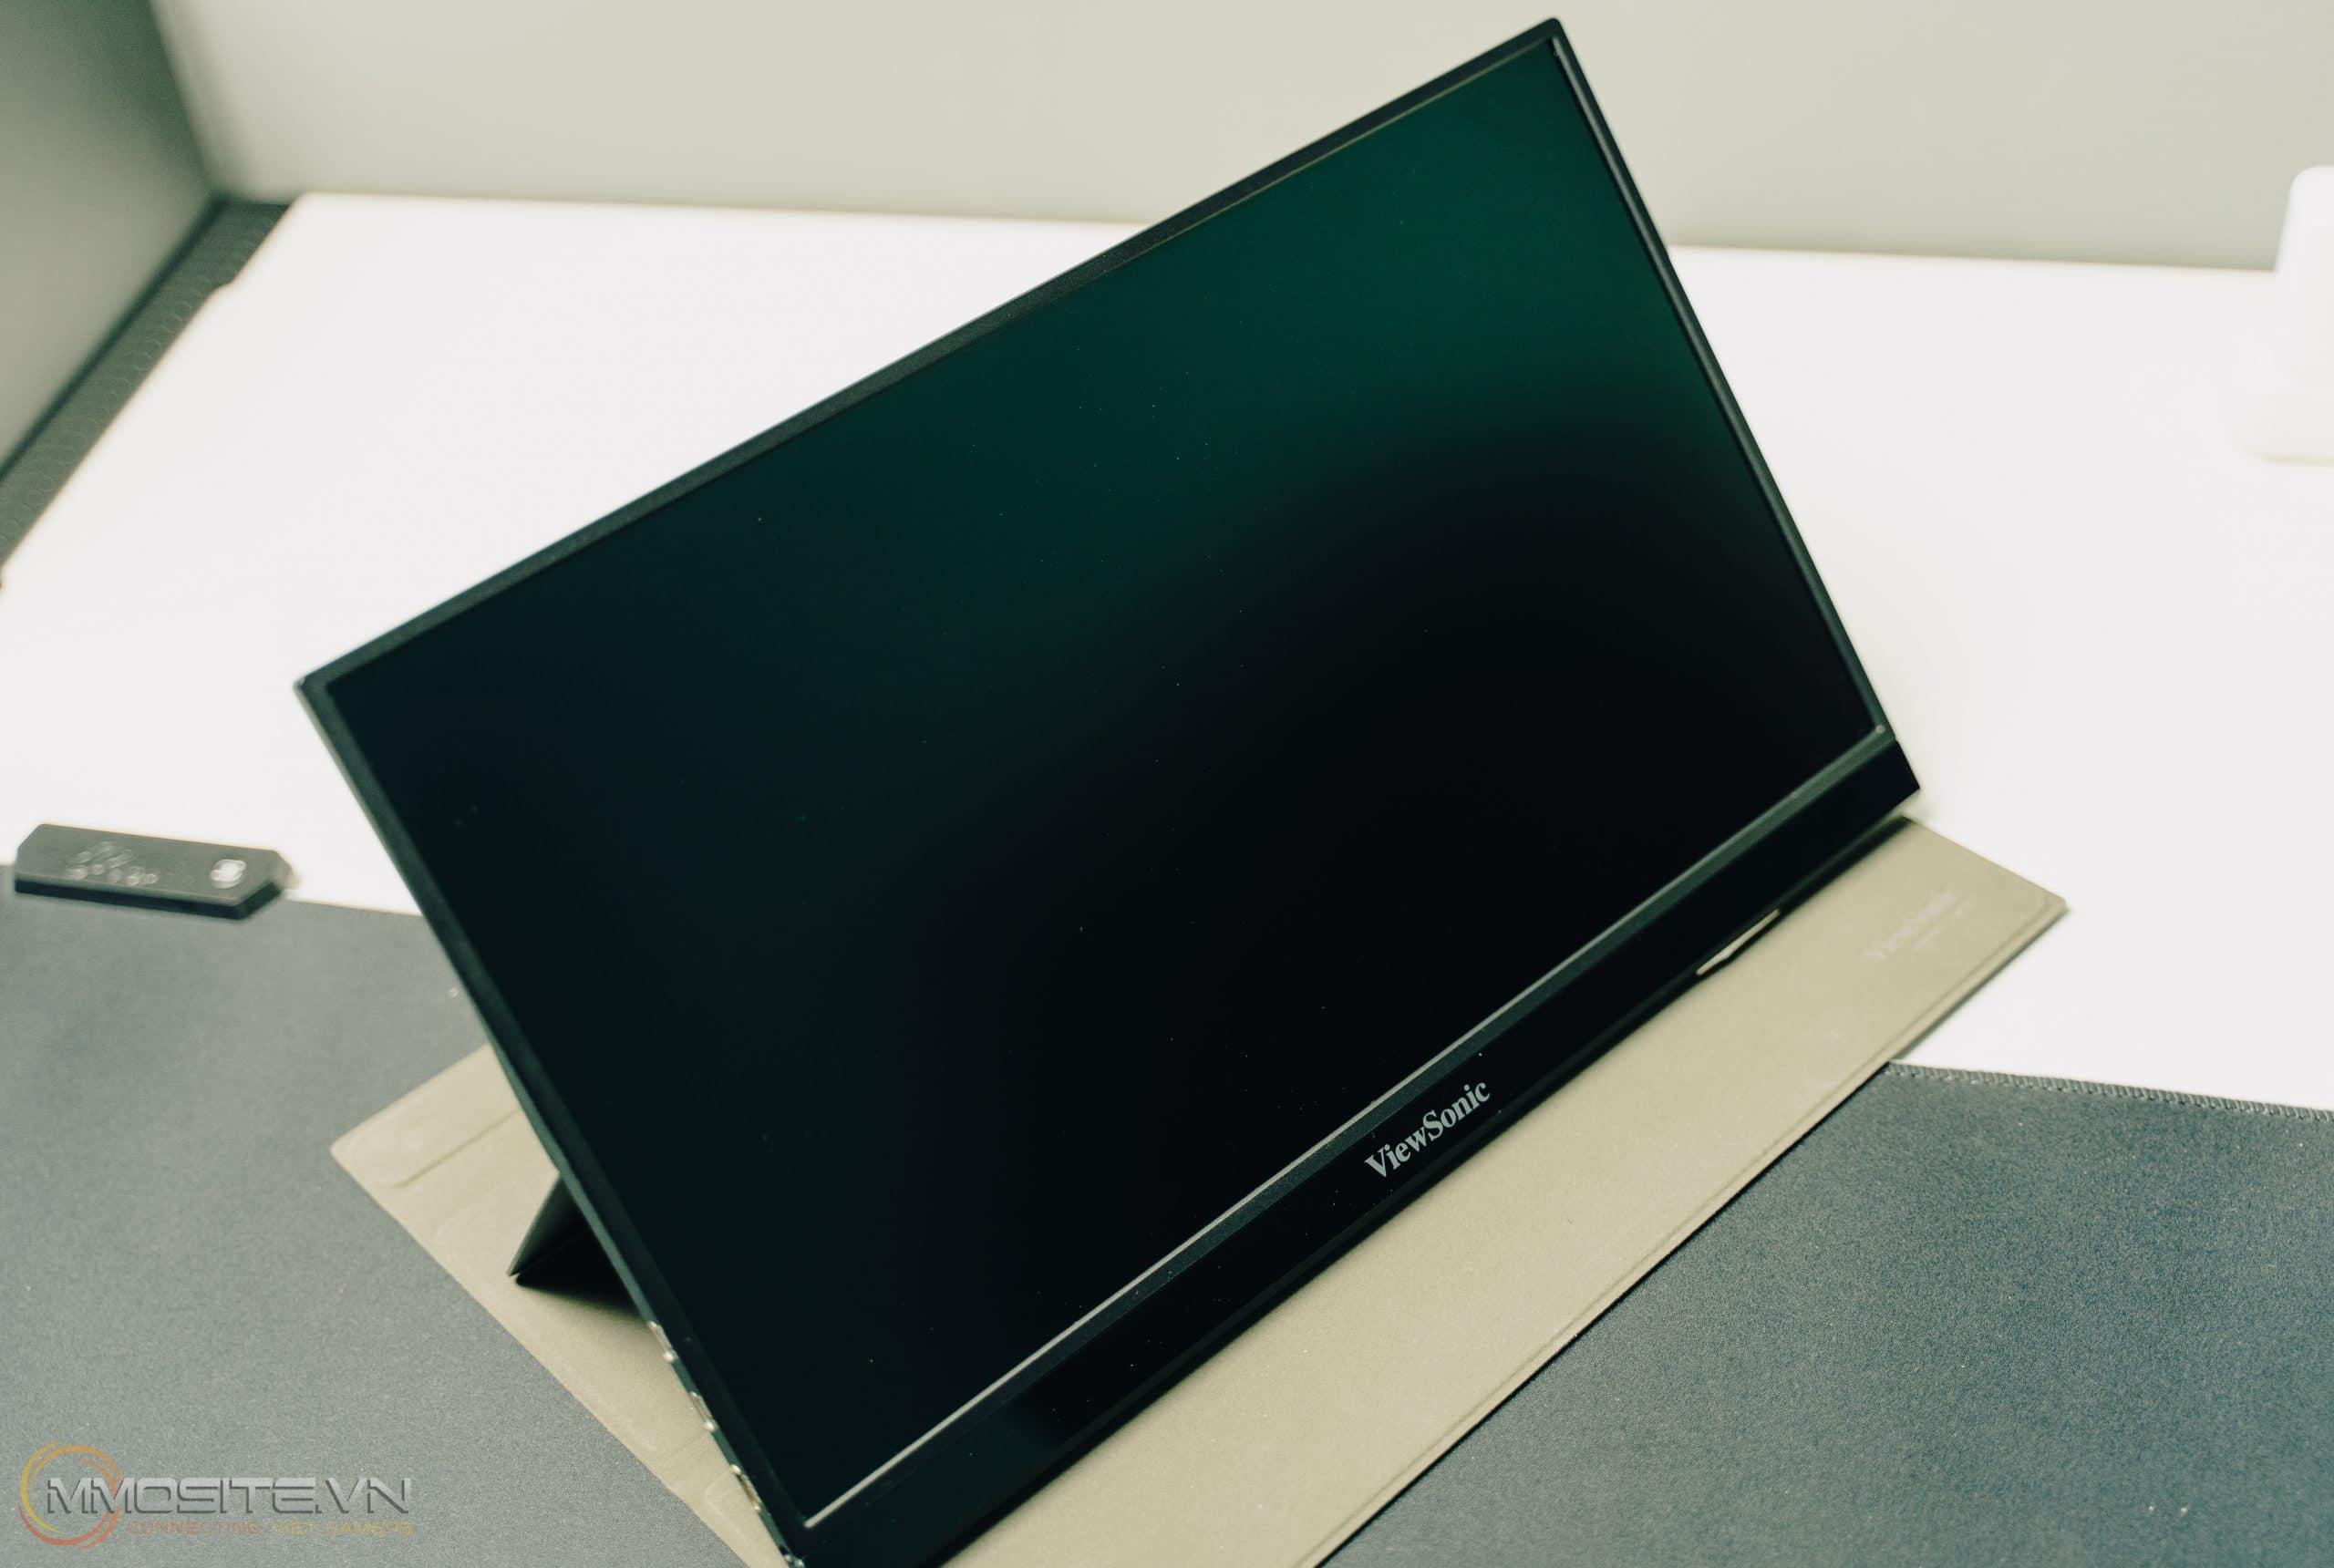 Đánh giá màn hình di động ViewSonic VG1655 - Trợ thủ đắc lực cho máy tính xách tay